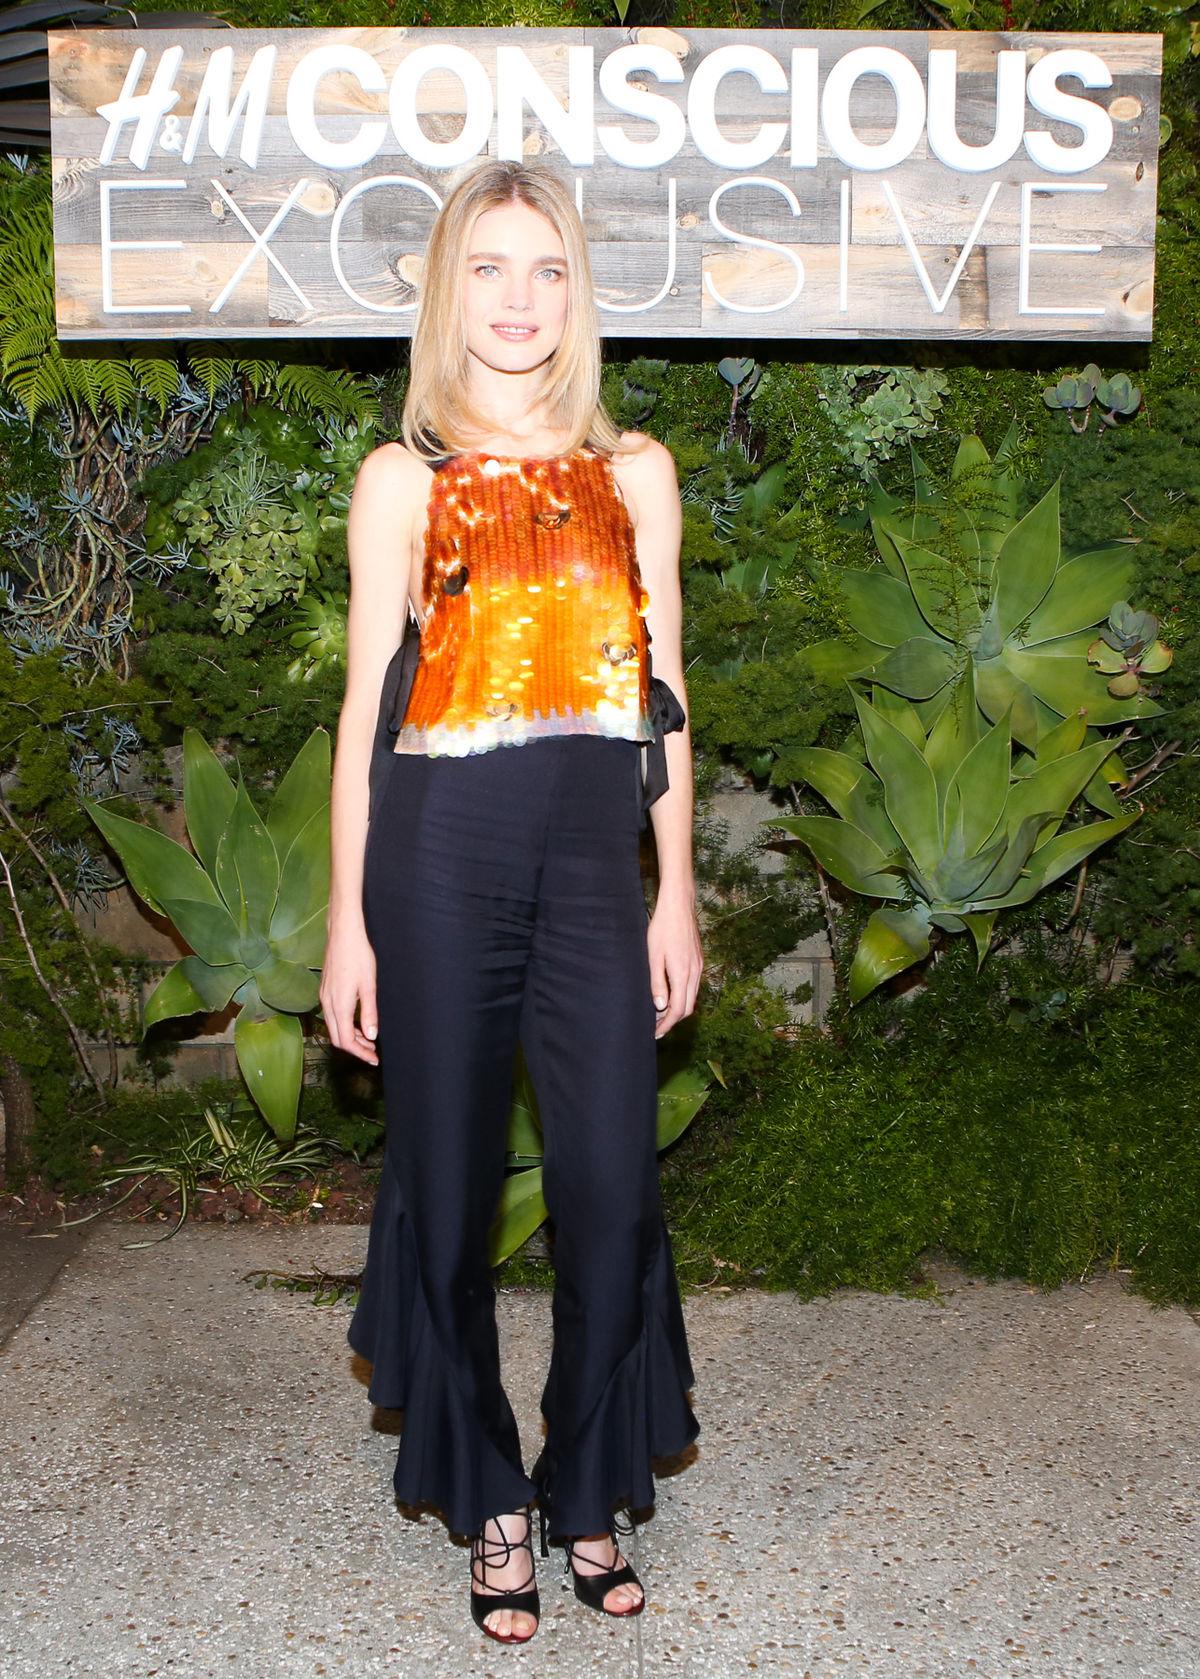 Topmodelka Natalia Vodianova sa stala tvárou kampane na limitovanú kolekciu H&M Conscious Exclusive.